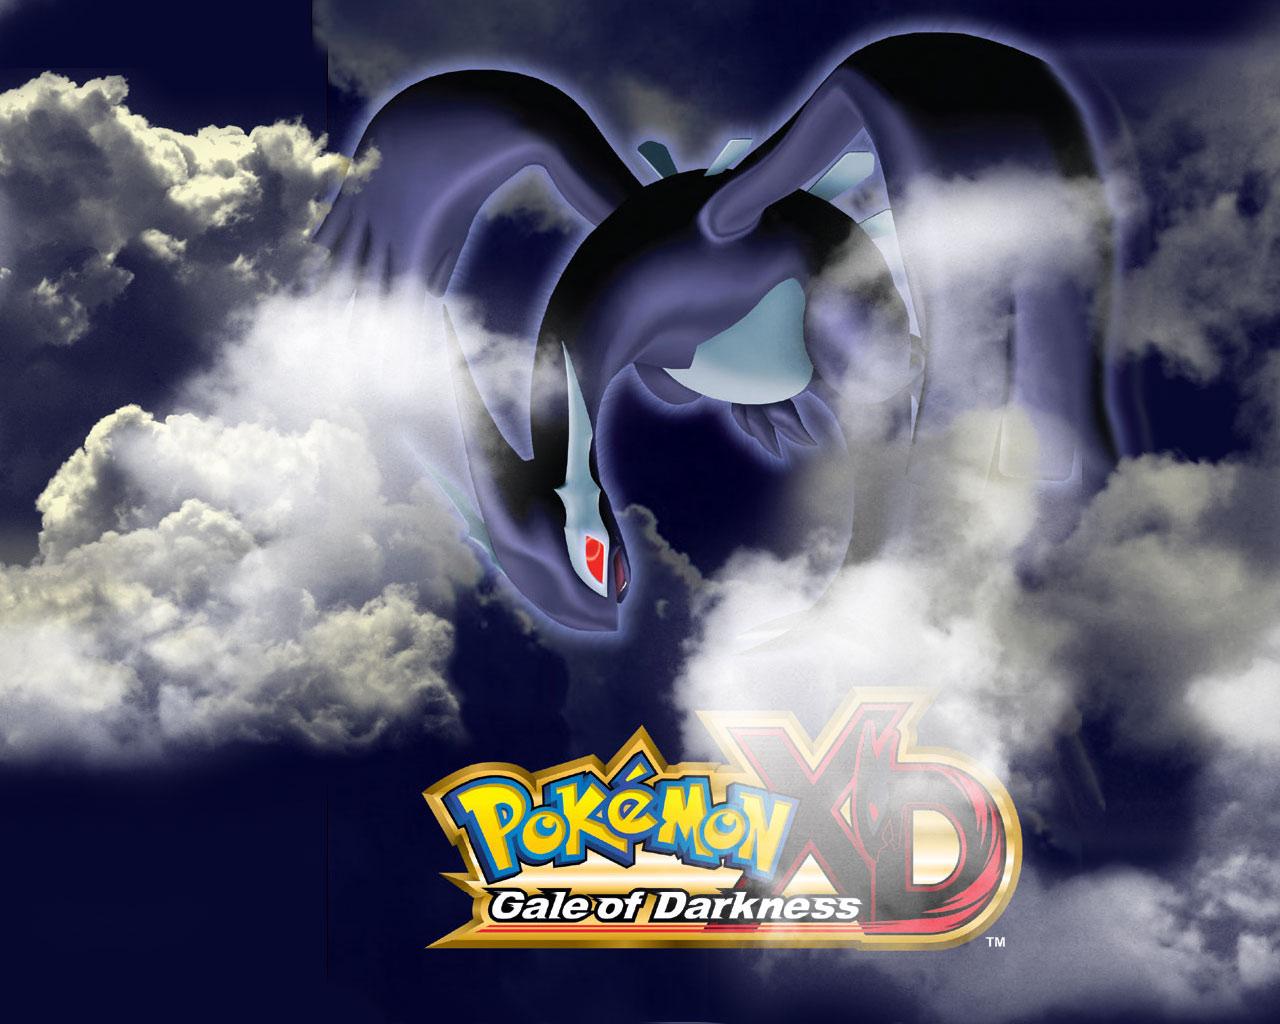 descargar pokemon xd tempestad oscura español 1 link para dolphin